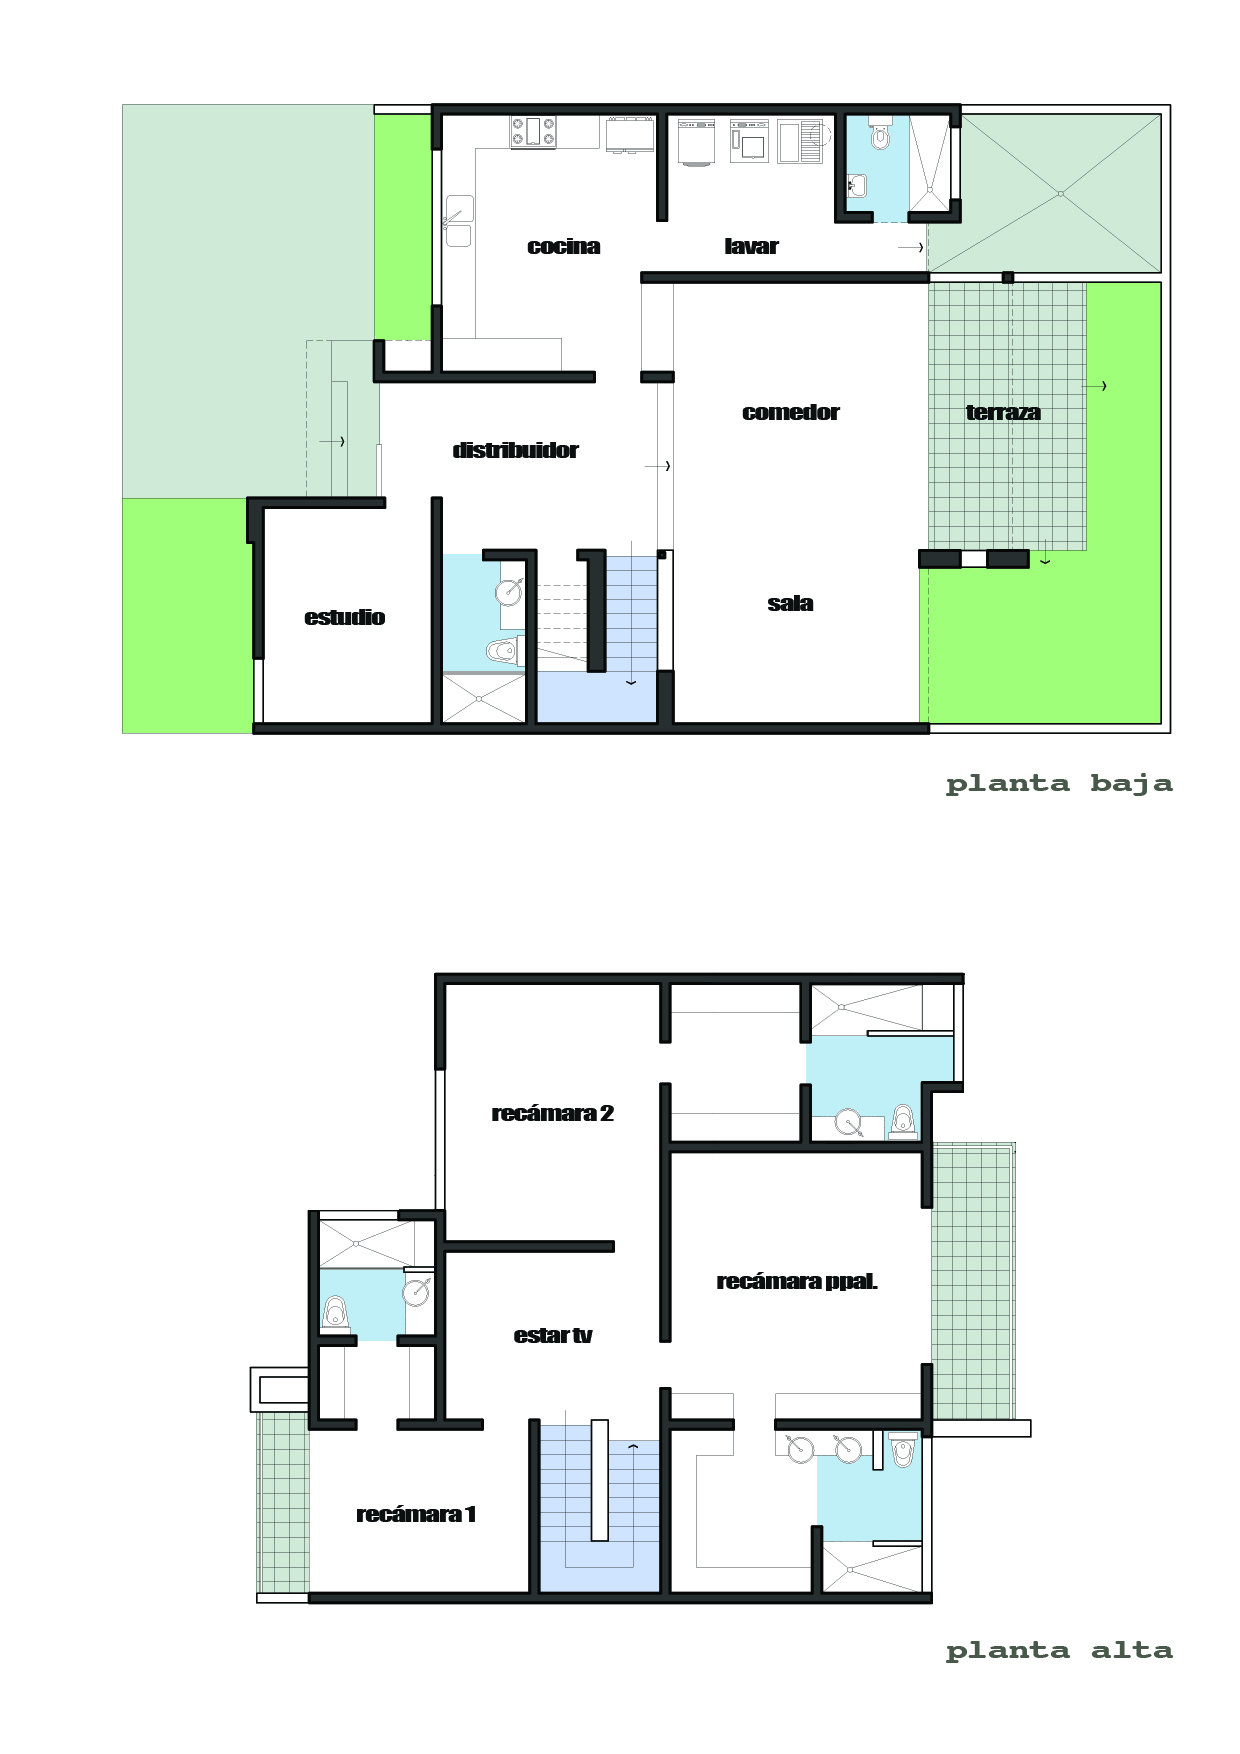 Prob constructora proyectos obras for Plantas arquitectonicas de casas